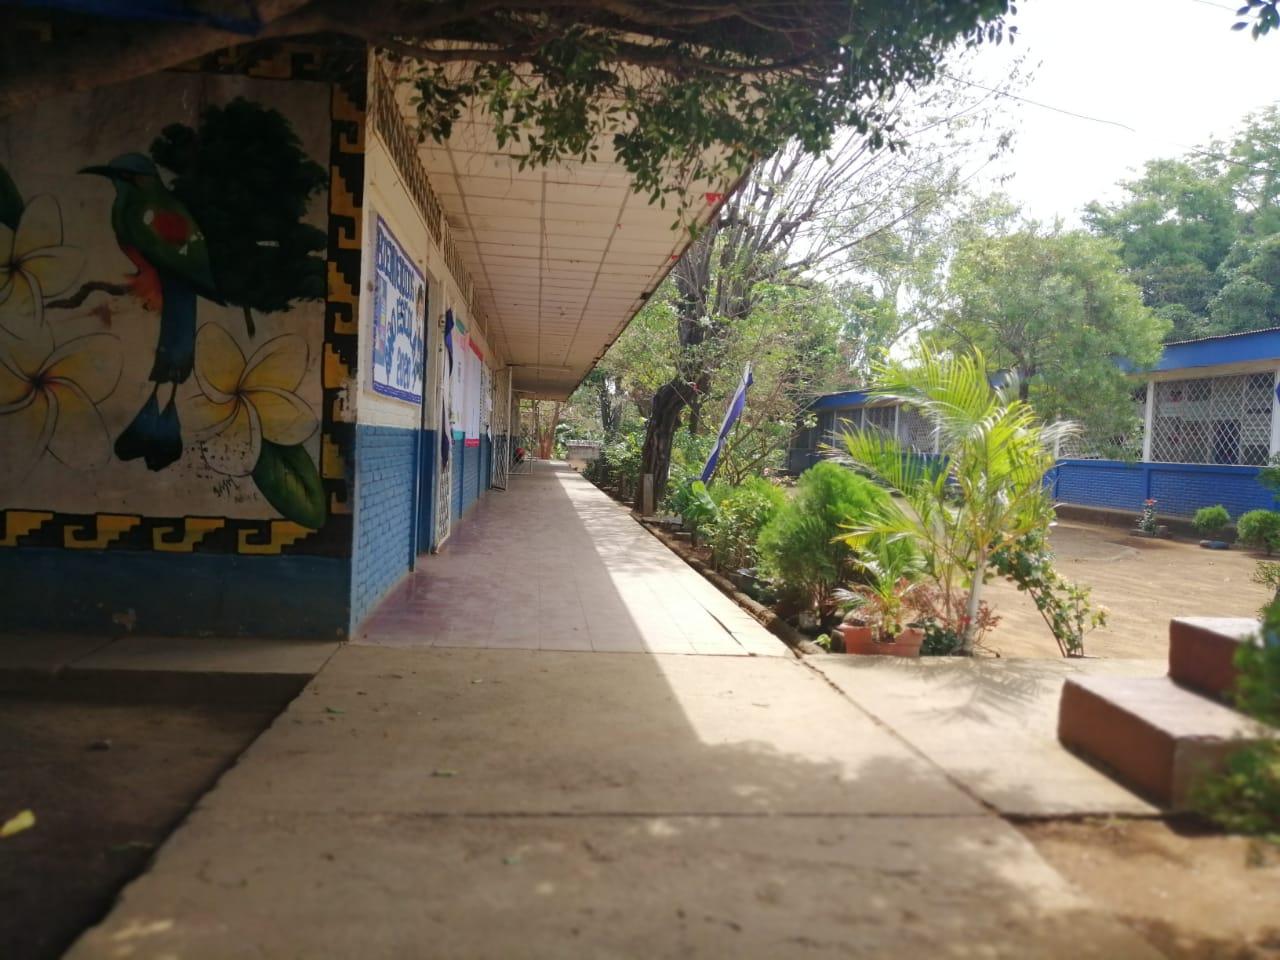 Funcionario del Mined confiesa que la asistencia a las escuelas ha sido del 3% y del 4%, lo que representa un fracaso en la estrategia impuesta por la primera dama Rosario Murillo.